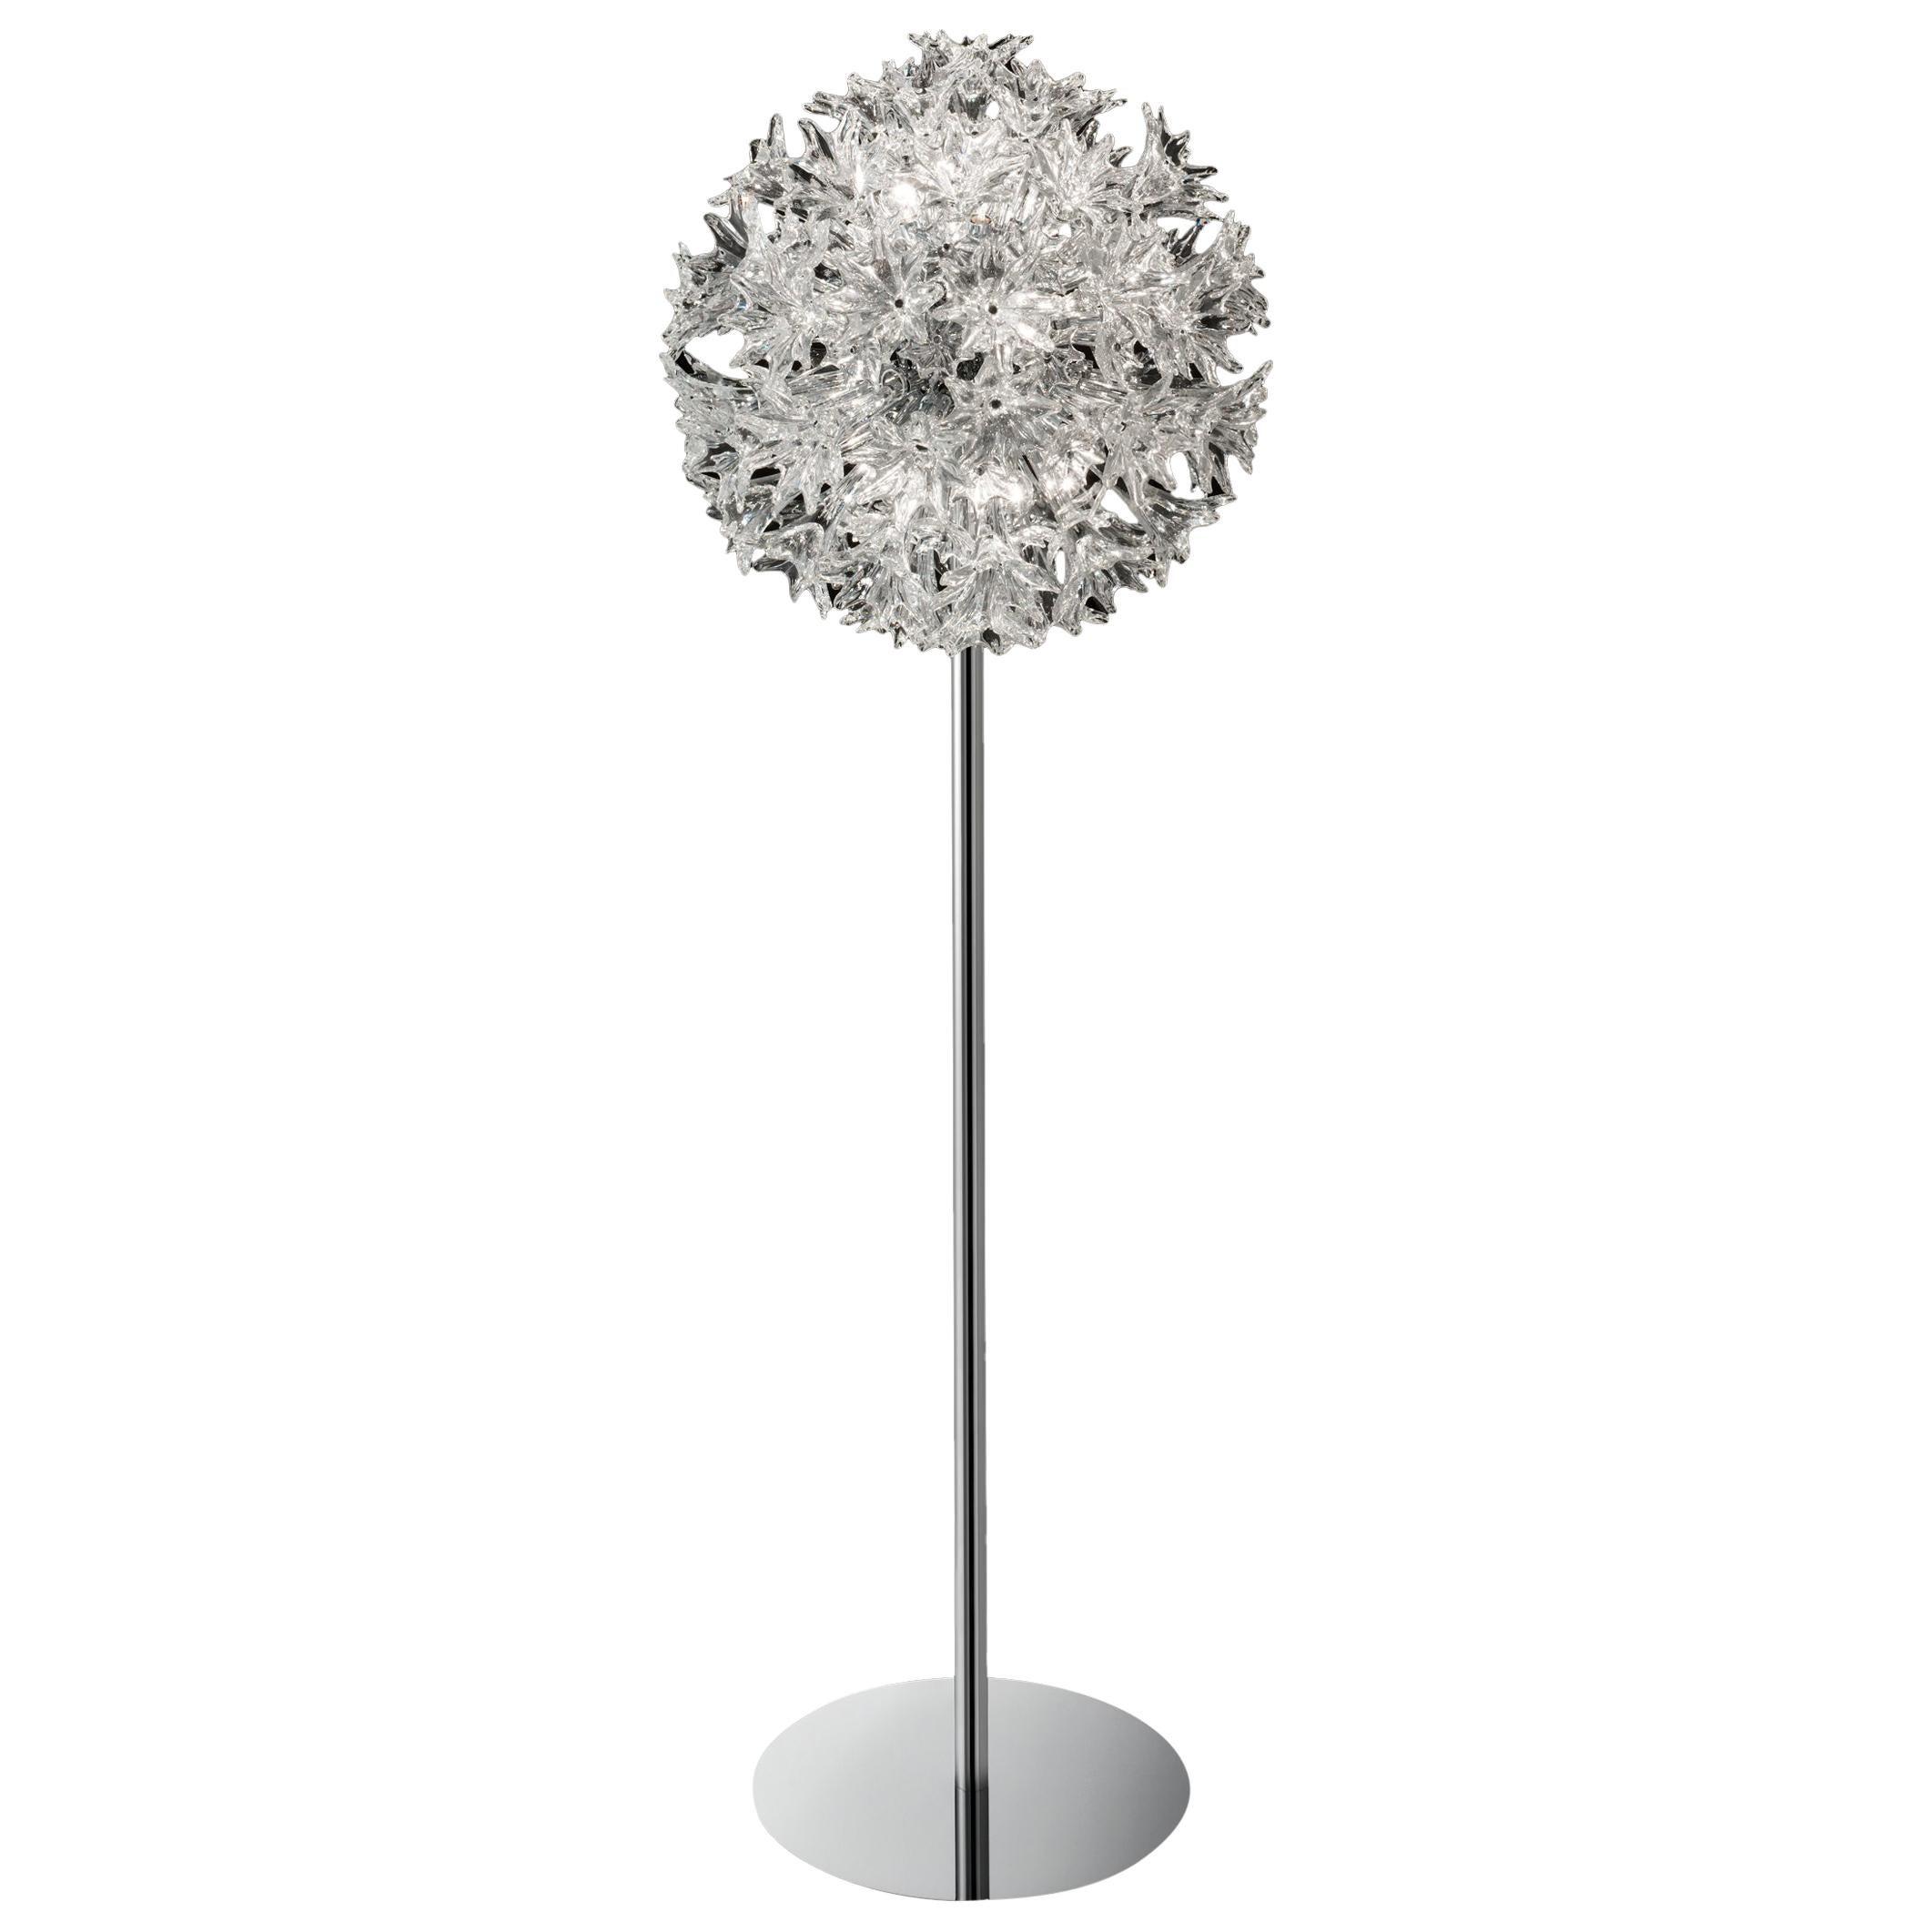 Venini Esprit Floor Lamp in Crystal